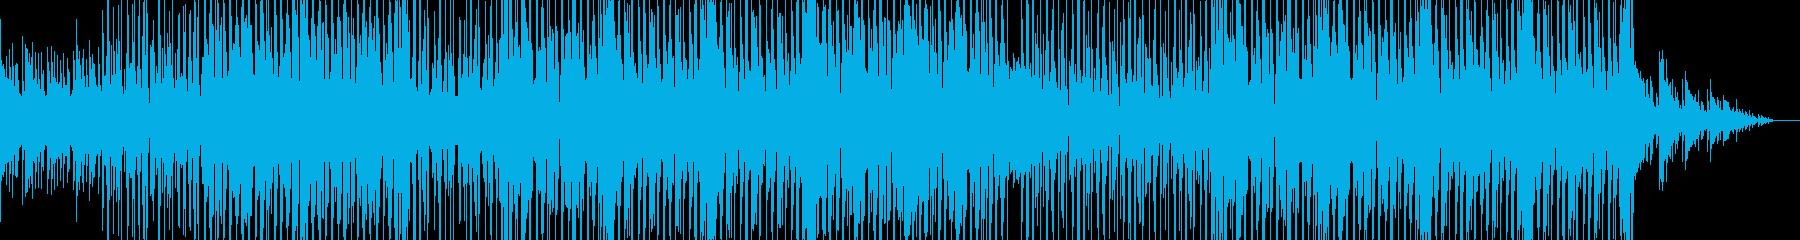 やさしくて弾けた感じのポップス曲の再生済みの波形